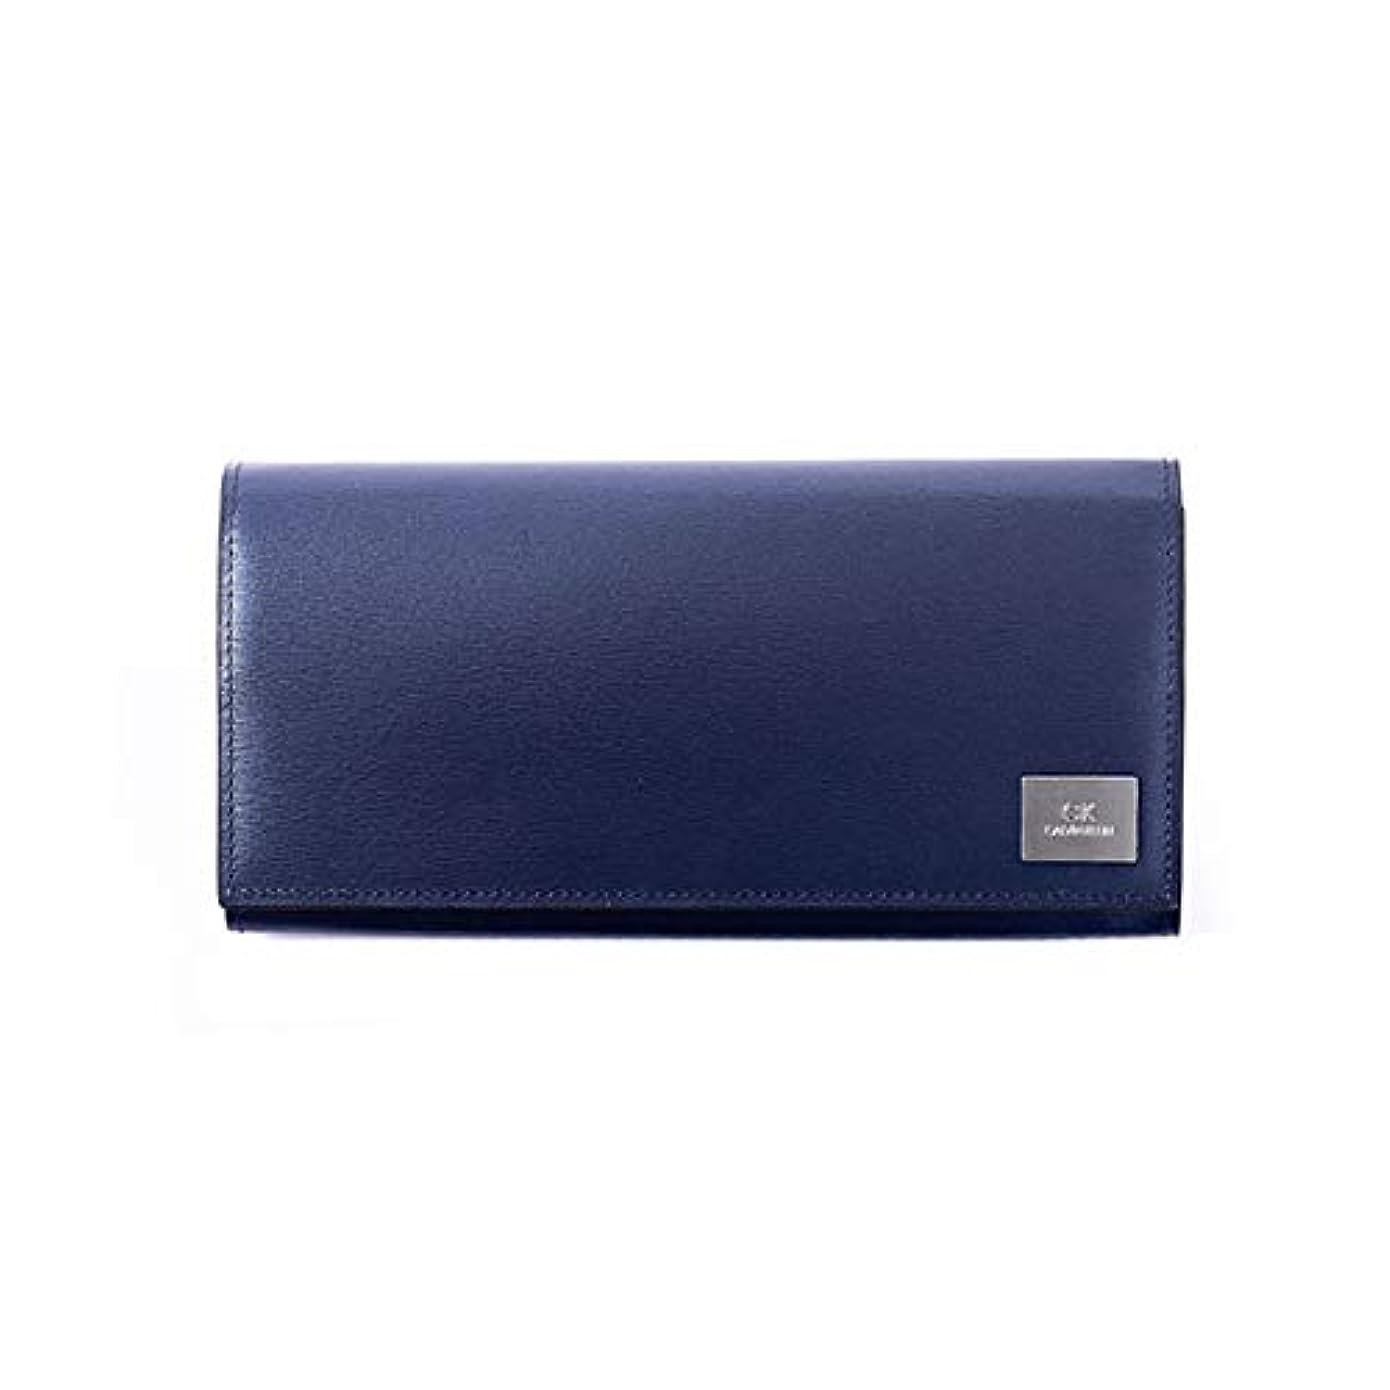 理想的聖書滅多[カルバンクライン] 財布 長財布 かぶせ レジン2 826655